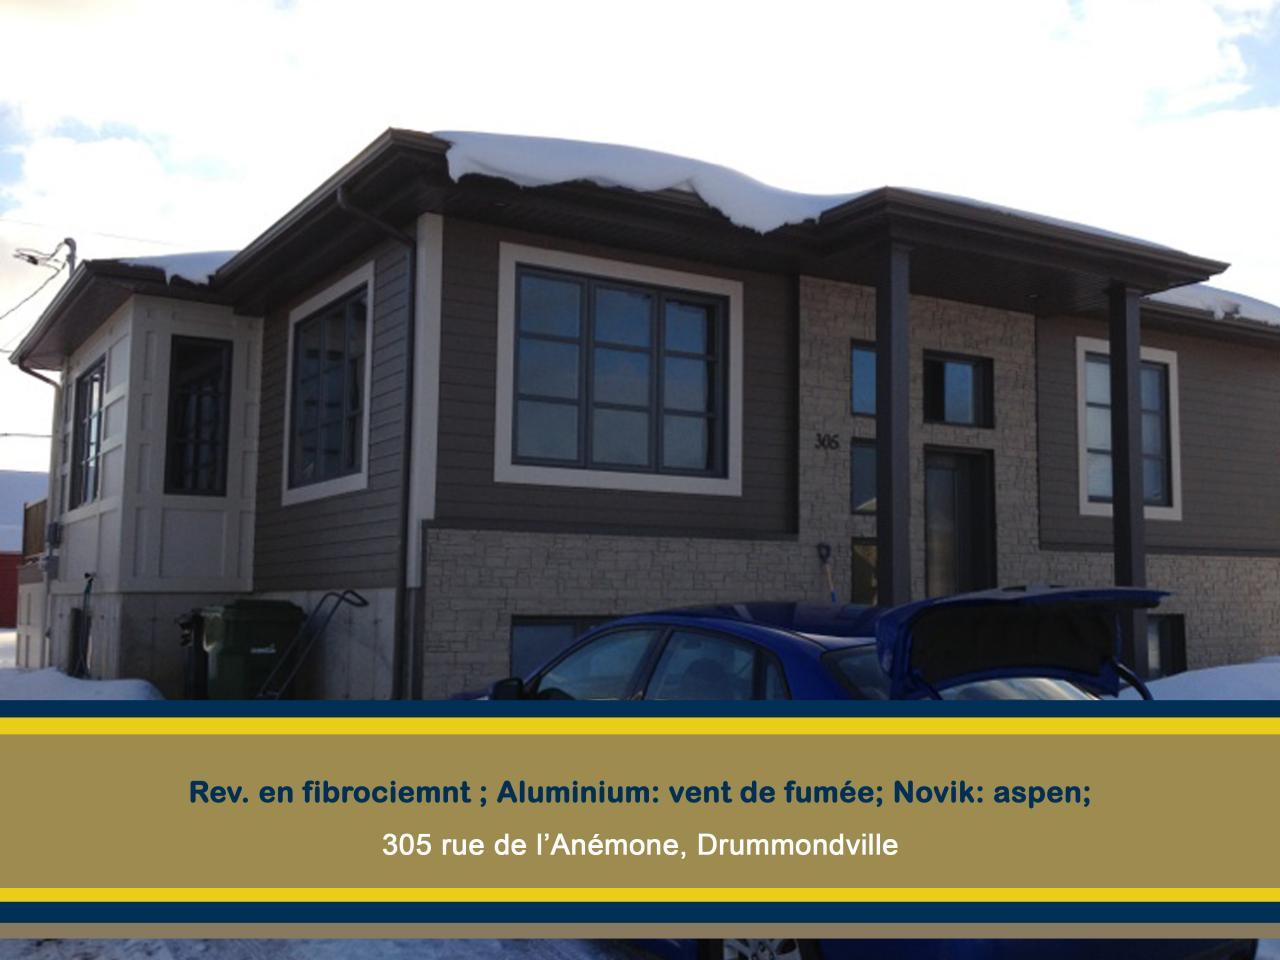 305 rue de l'anémone Drummondville